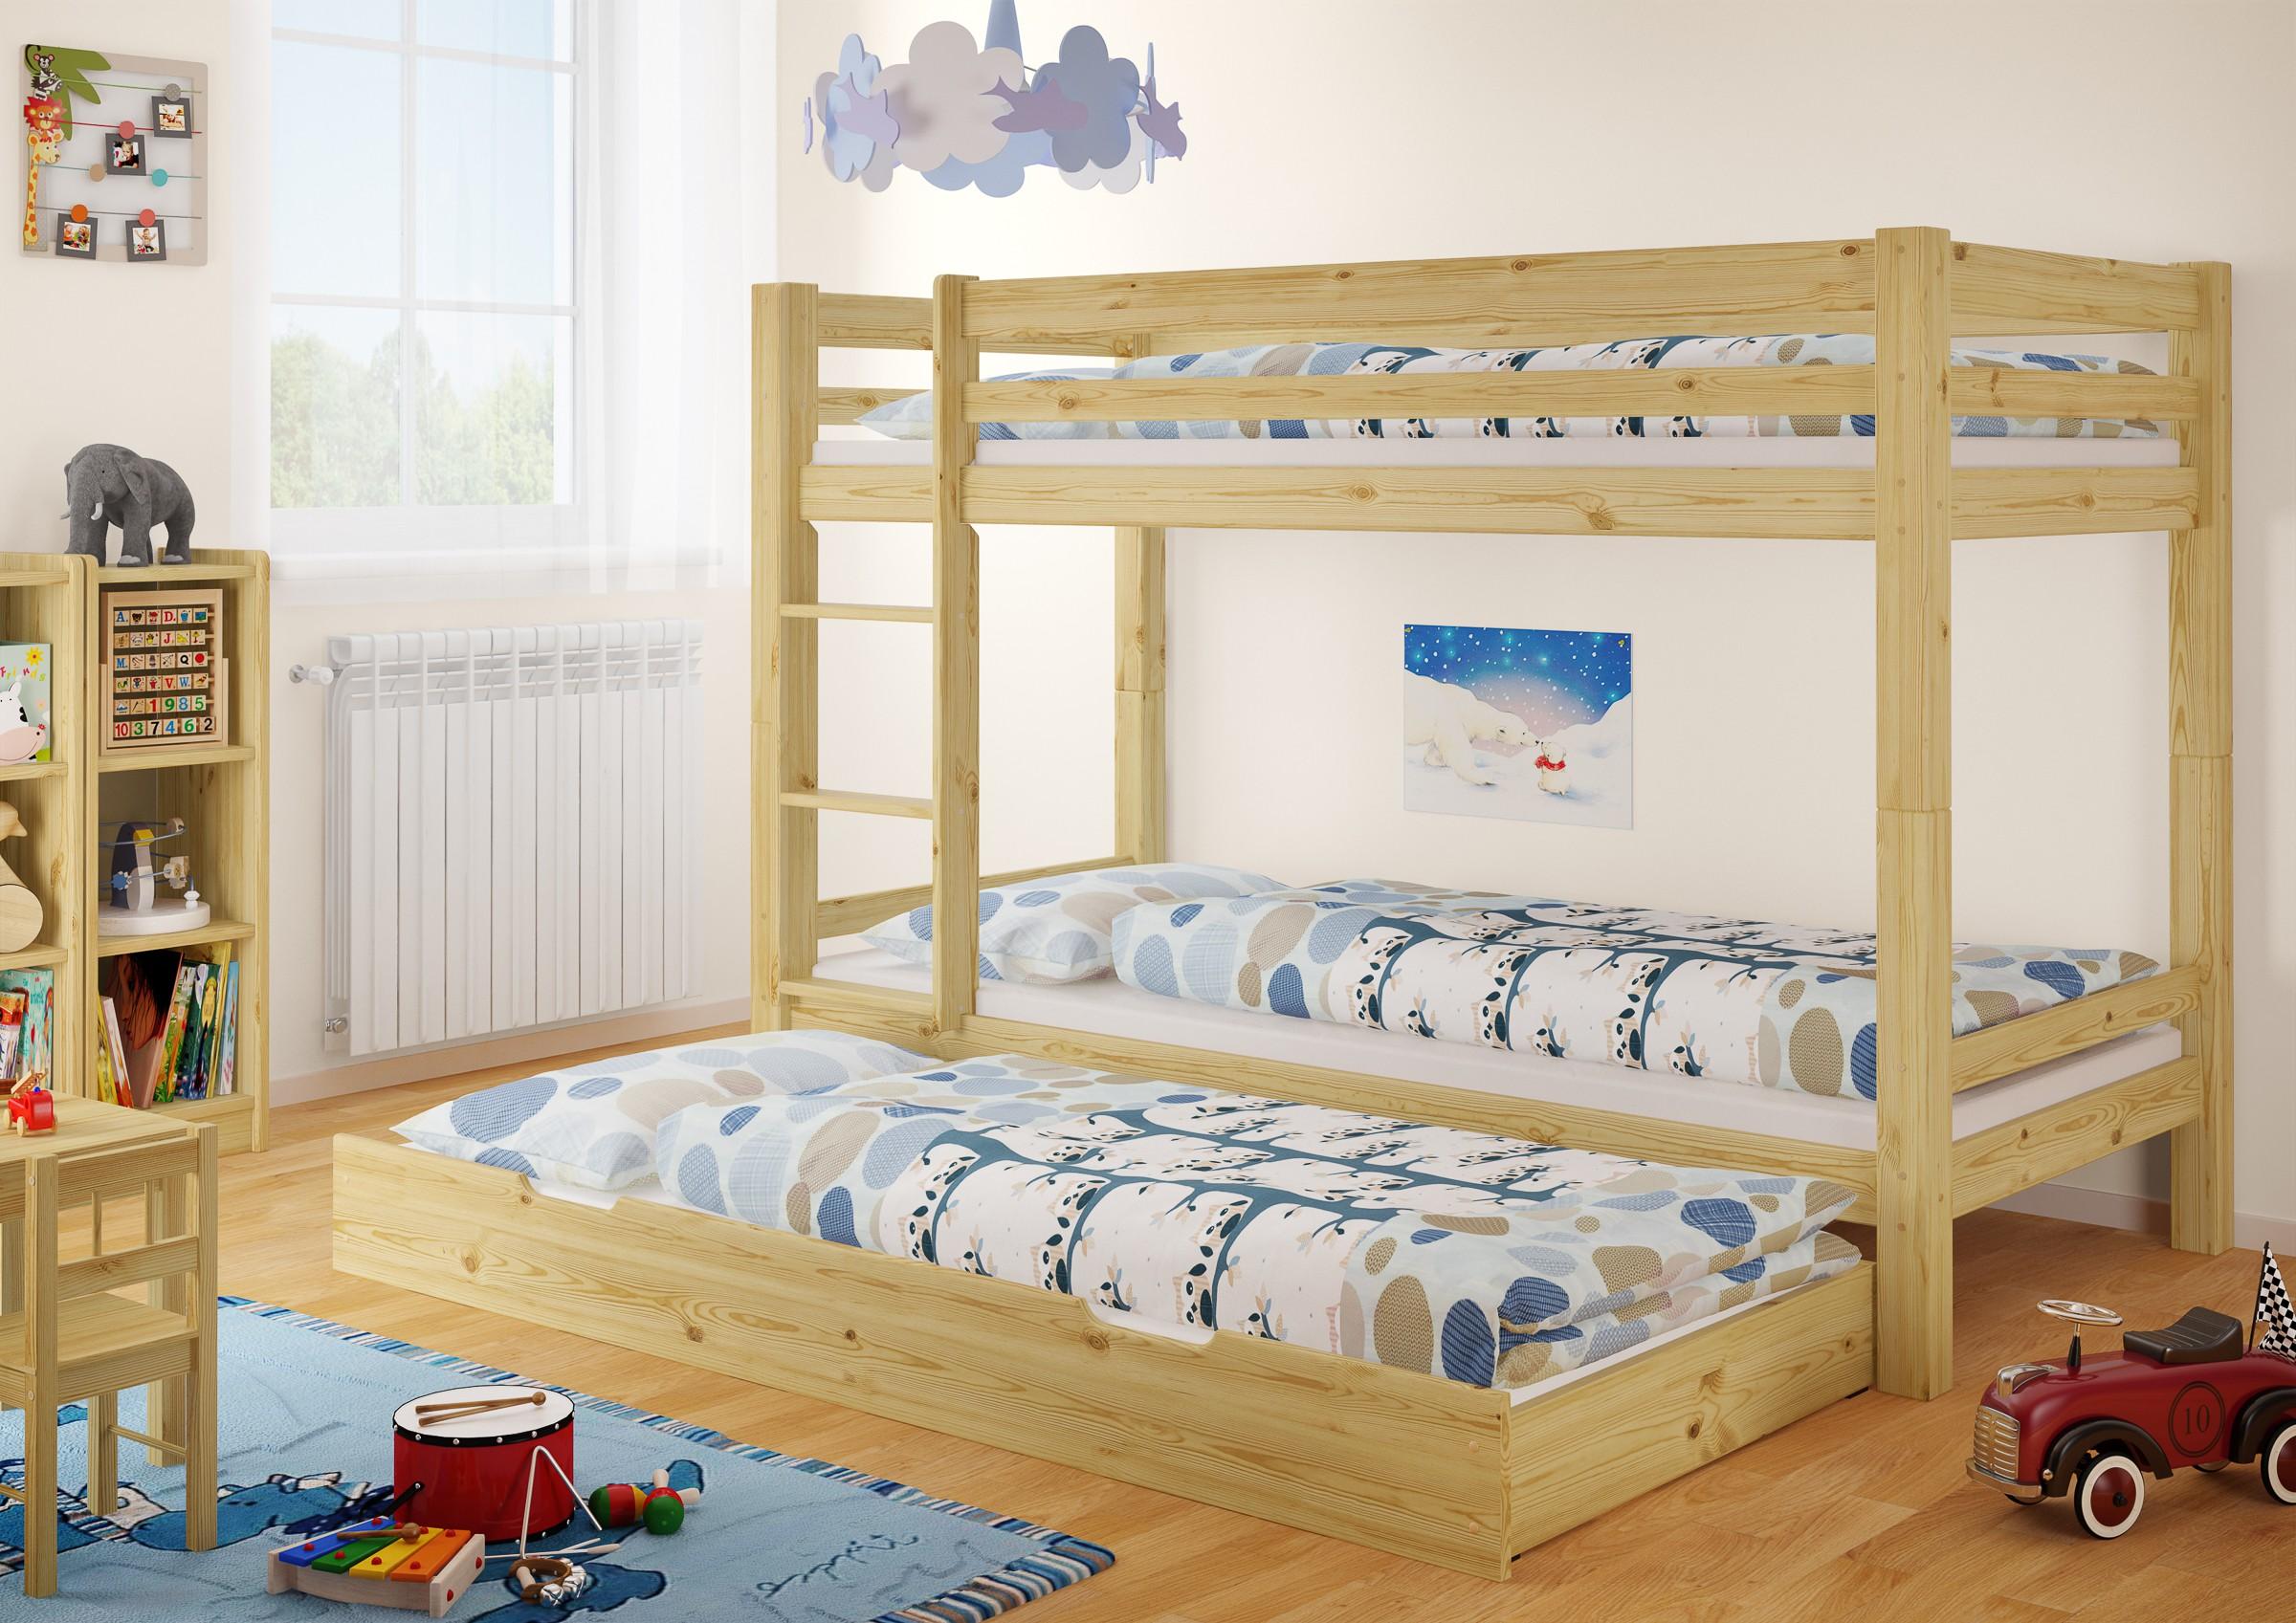 Etagenbett Mit Gästebett : Etagenbett kinderstockbett mit gaestebett und matratzen